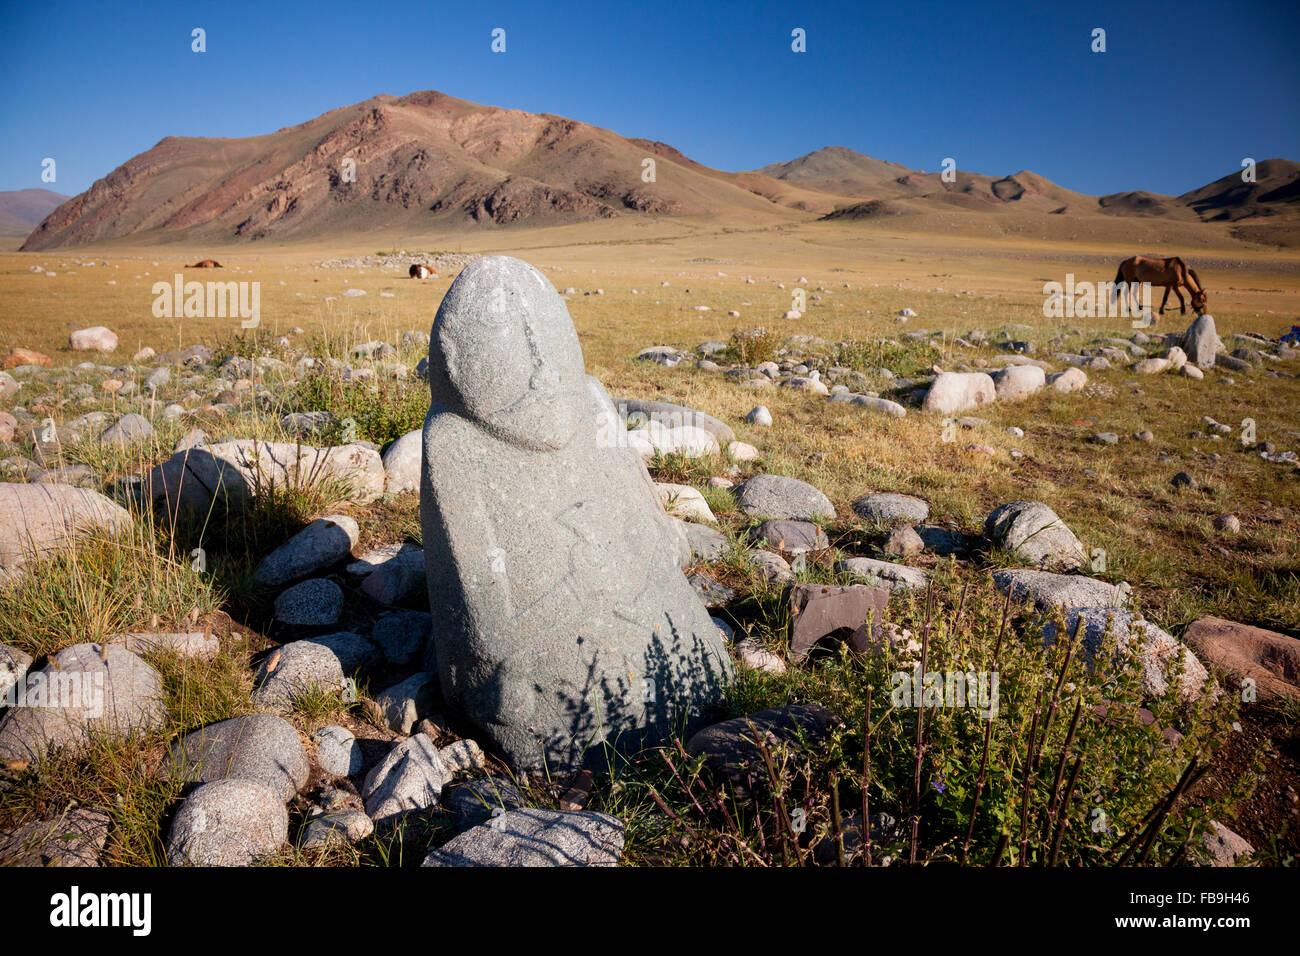 A lo largo de miles de años viejos turcos en piedra grave Kharkhiraa Turgen, Parque Nacional de Mongolia. Foto de stock